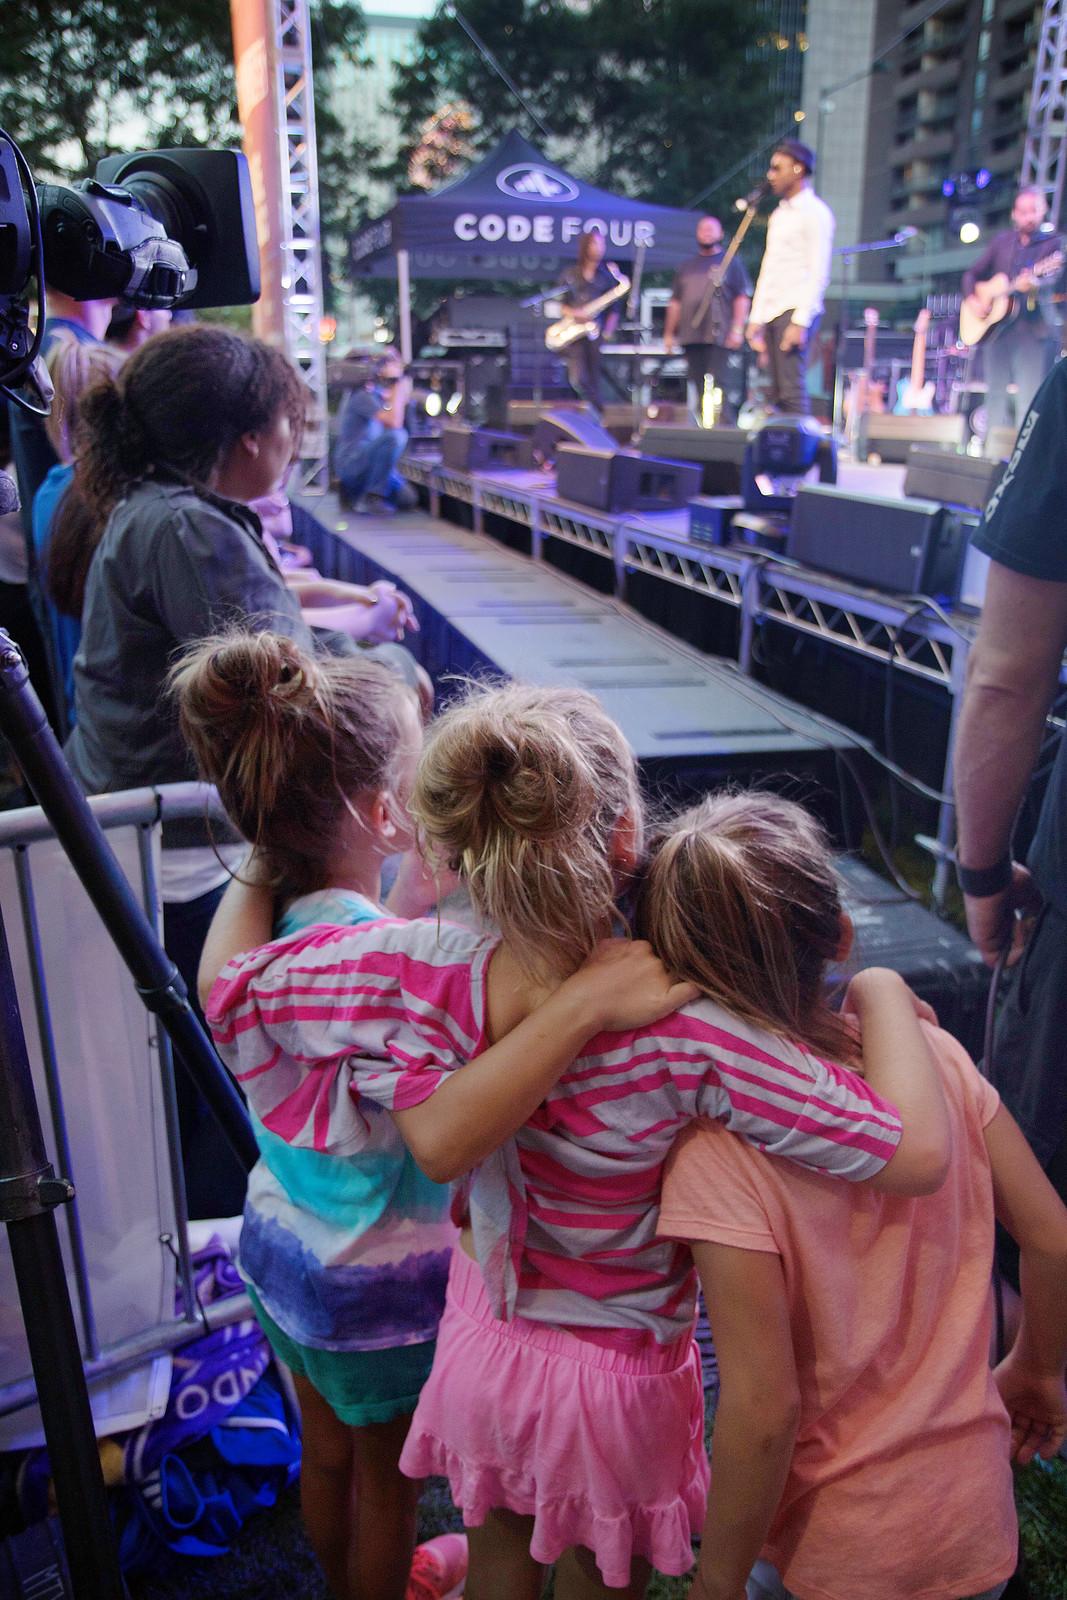 Girls hugging at a Denver concert